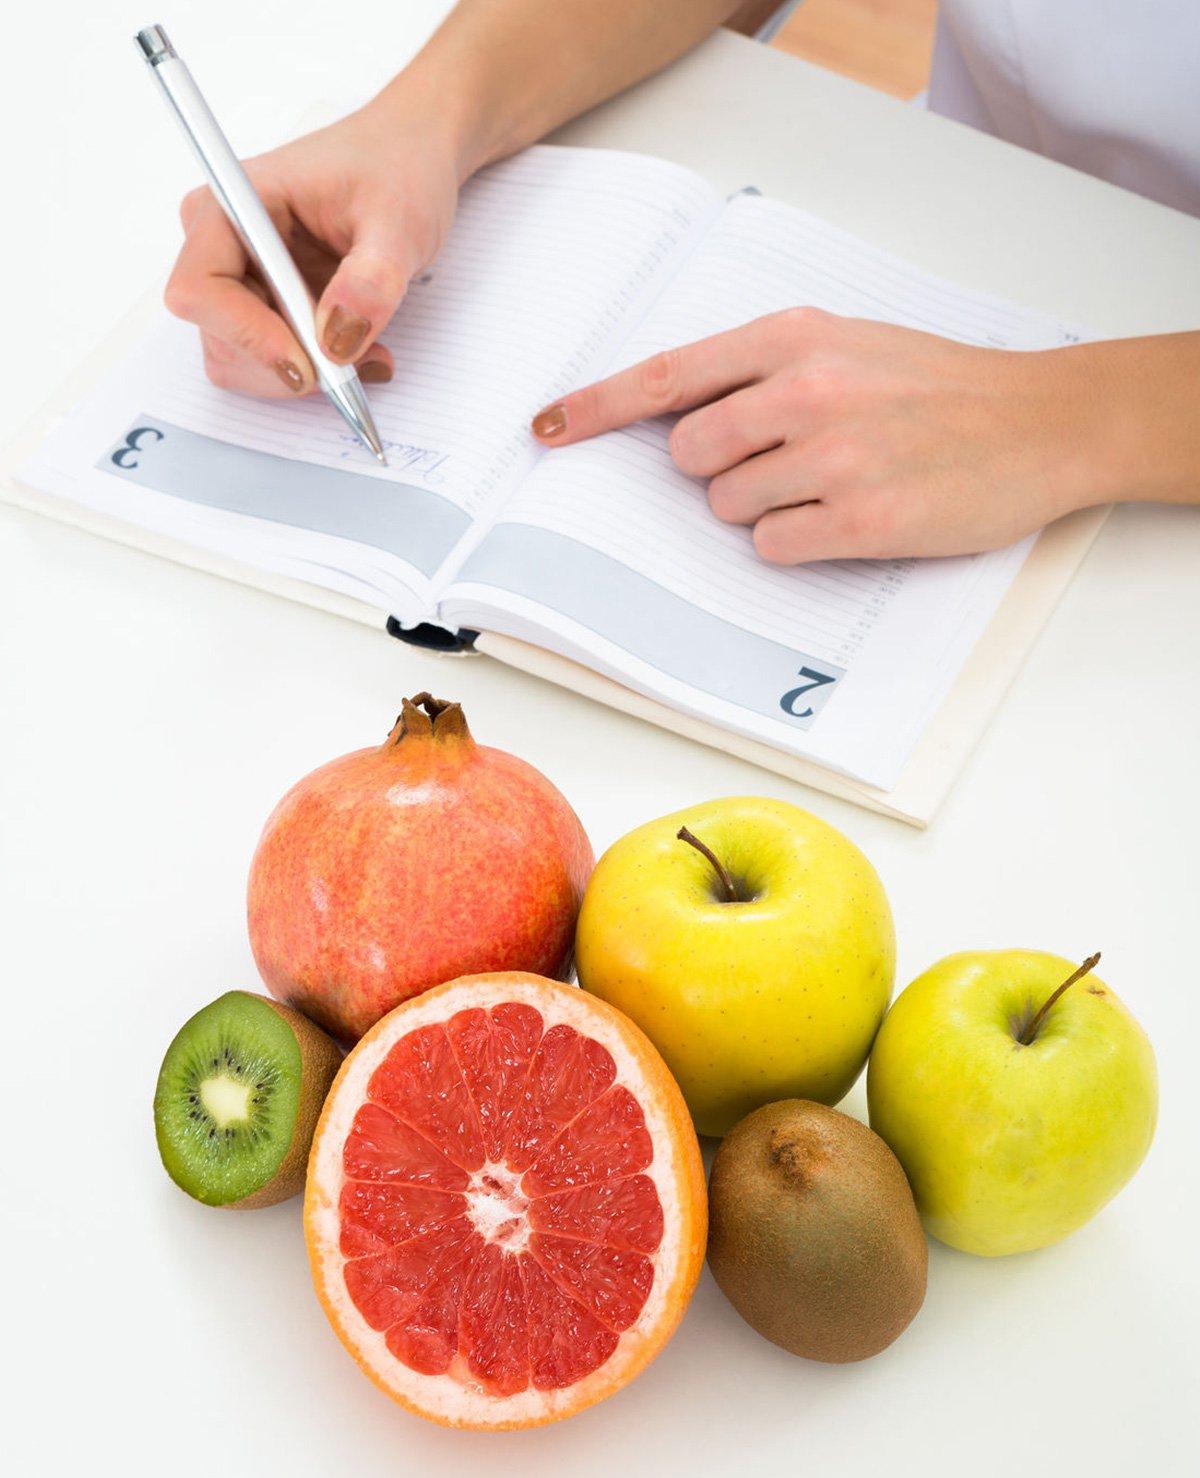 Opdracht Mieke week 2: Waarom is regie over je (eet)gedrag zo belangrijk?